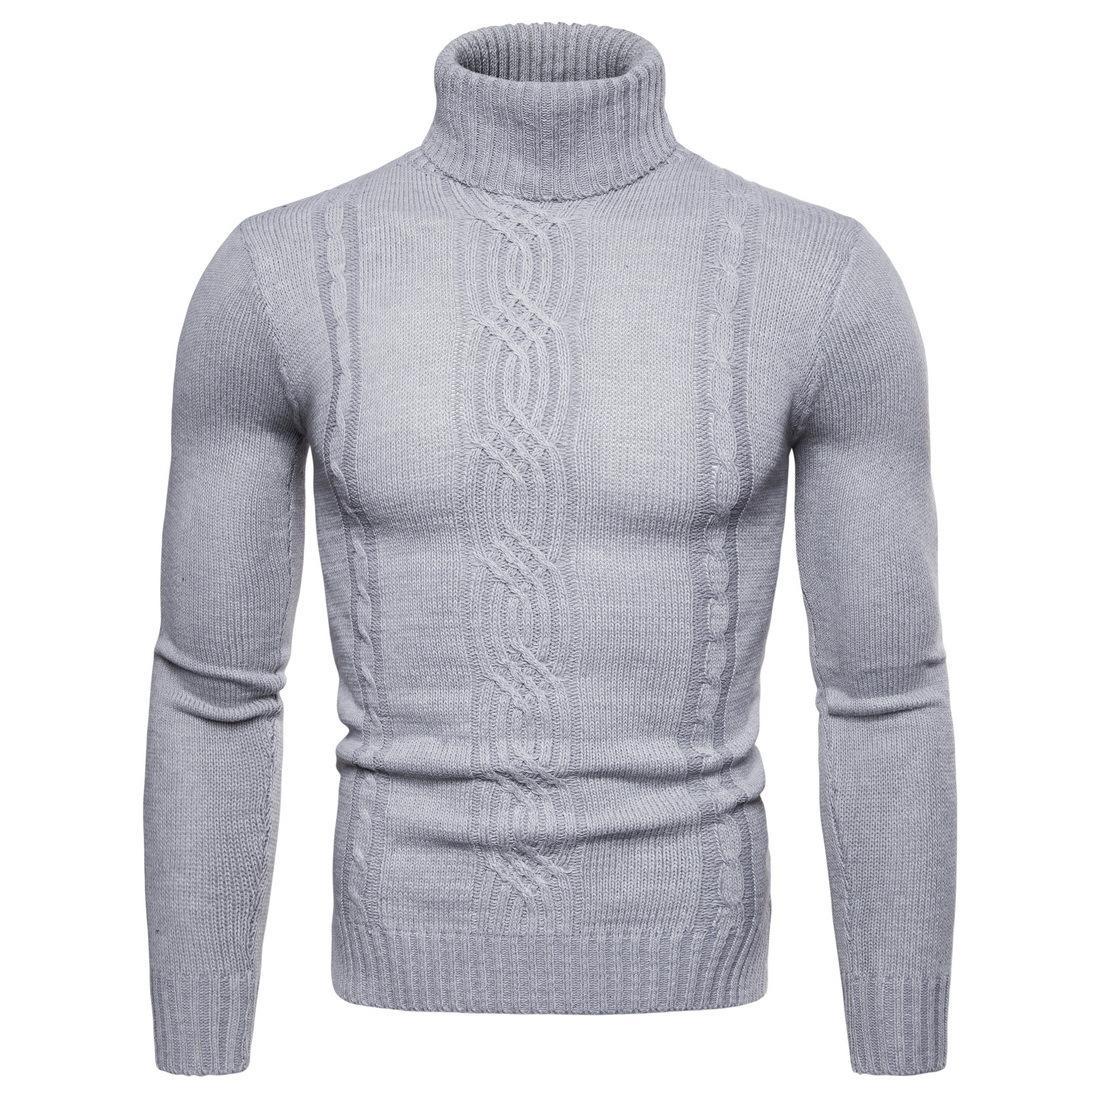 Pull à col roulé en laine Pull à col roulé en laine pour hommes Automne Printemps Hiver Pull épais Gris clair Gris foncé Noir Khaki Pulls